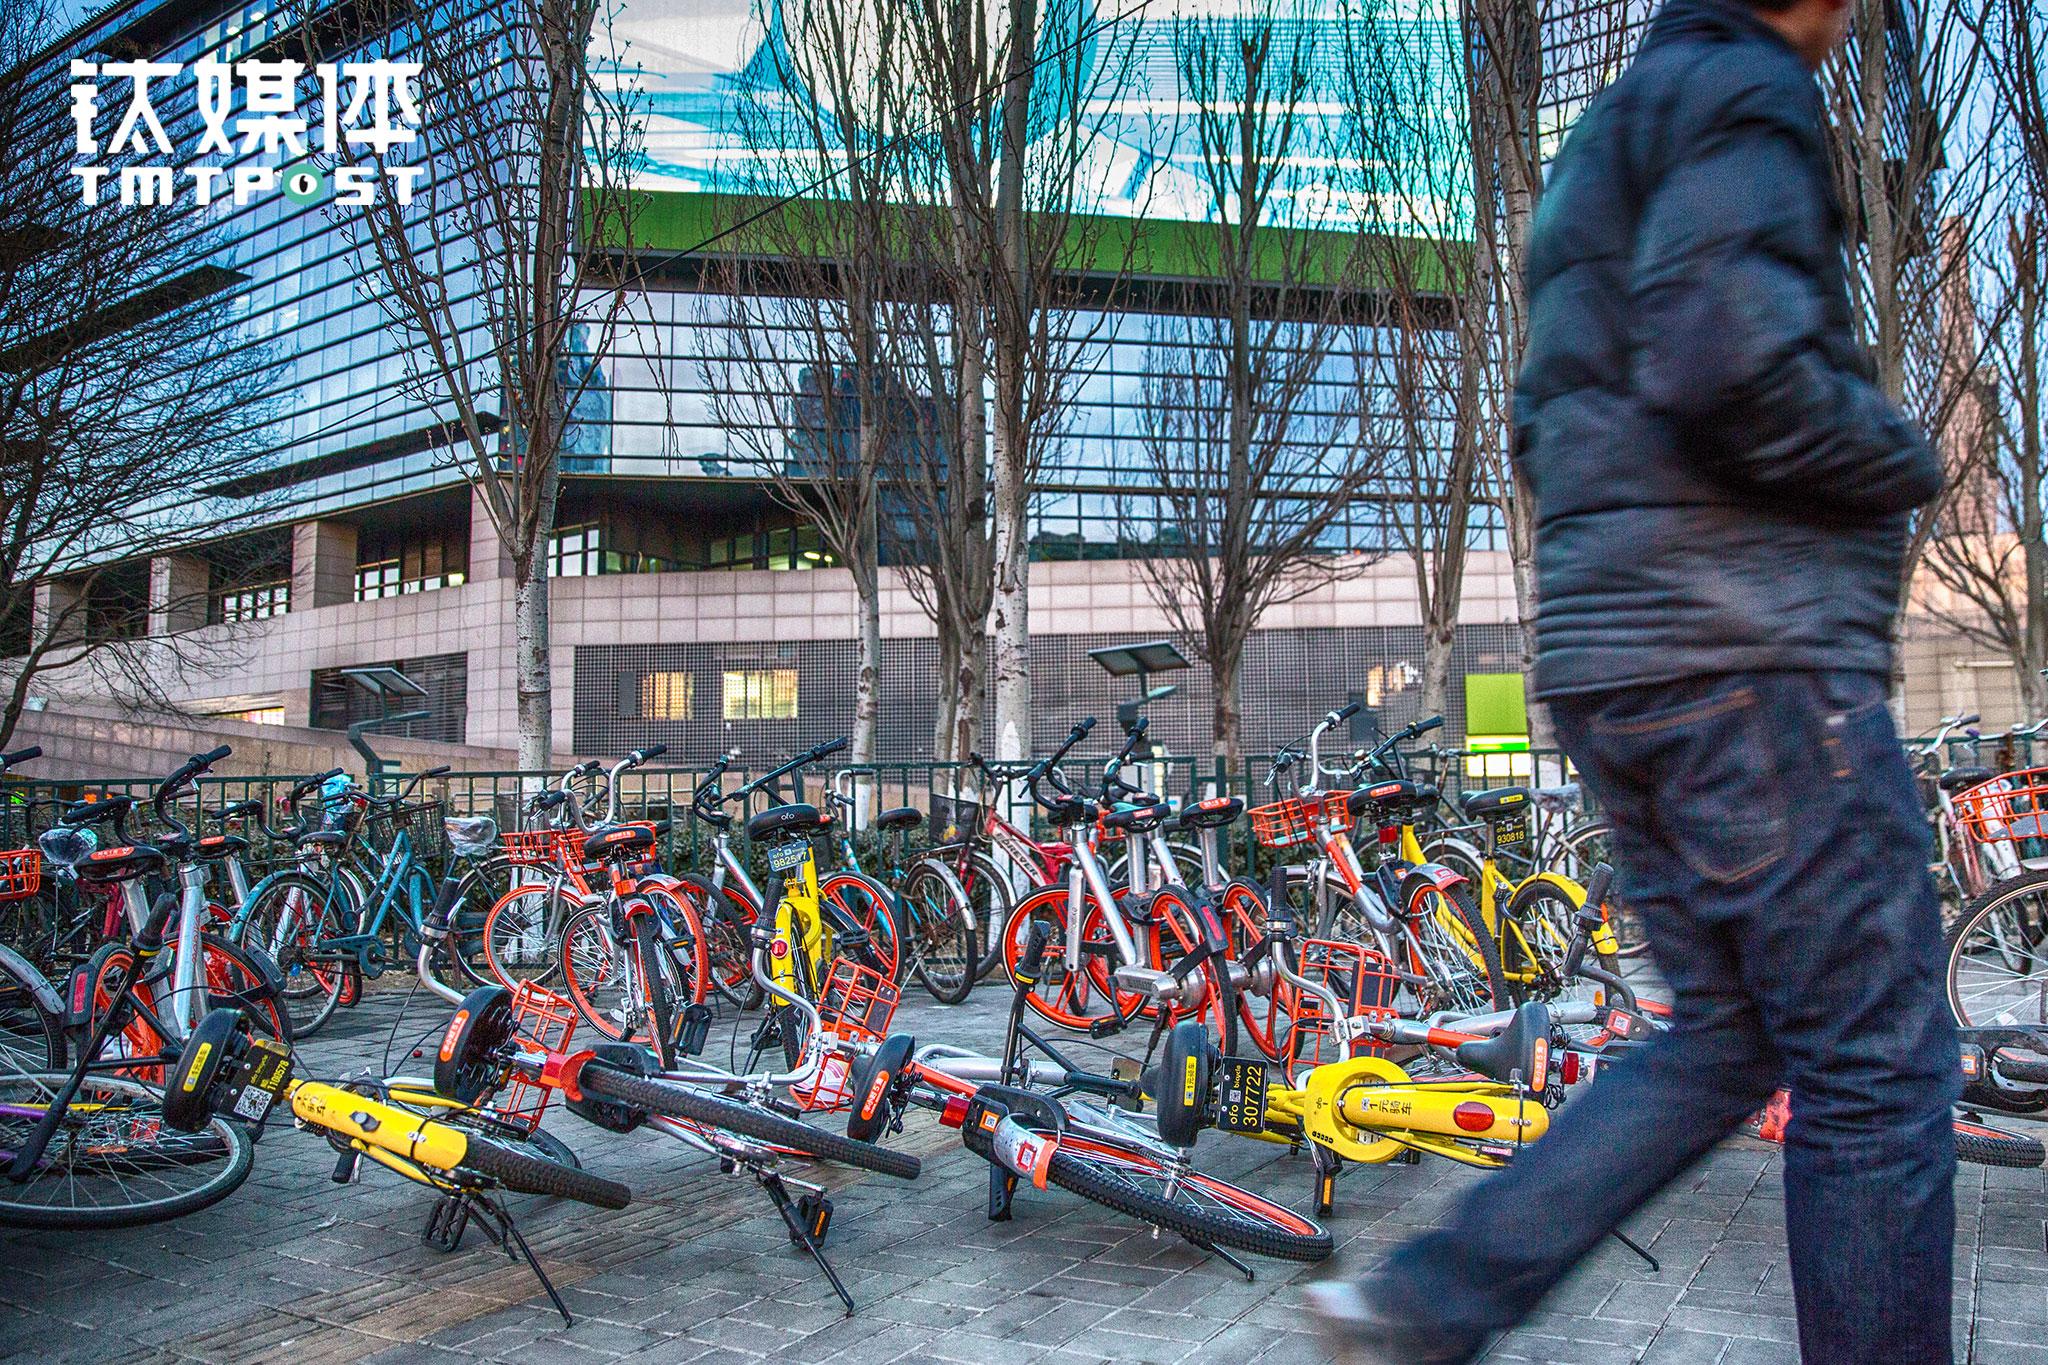 2017年2月22日,北京东直门,行人从一排倒掉的共享单车前匆匆走过。据第三方报告,截至2016年底,中国共享单车市场整体用户数量已达到1886万,预计2017年年底将达5000万。截止2017年2月,出现在北京的共享单车总数达20万辆。